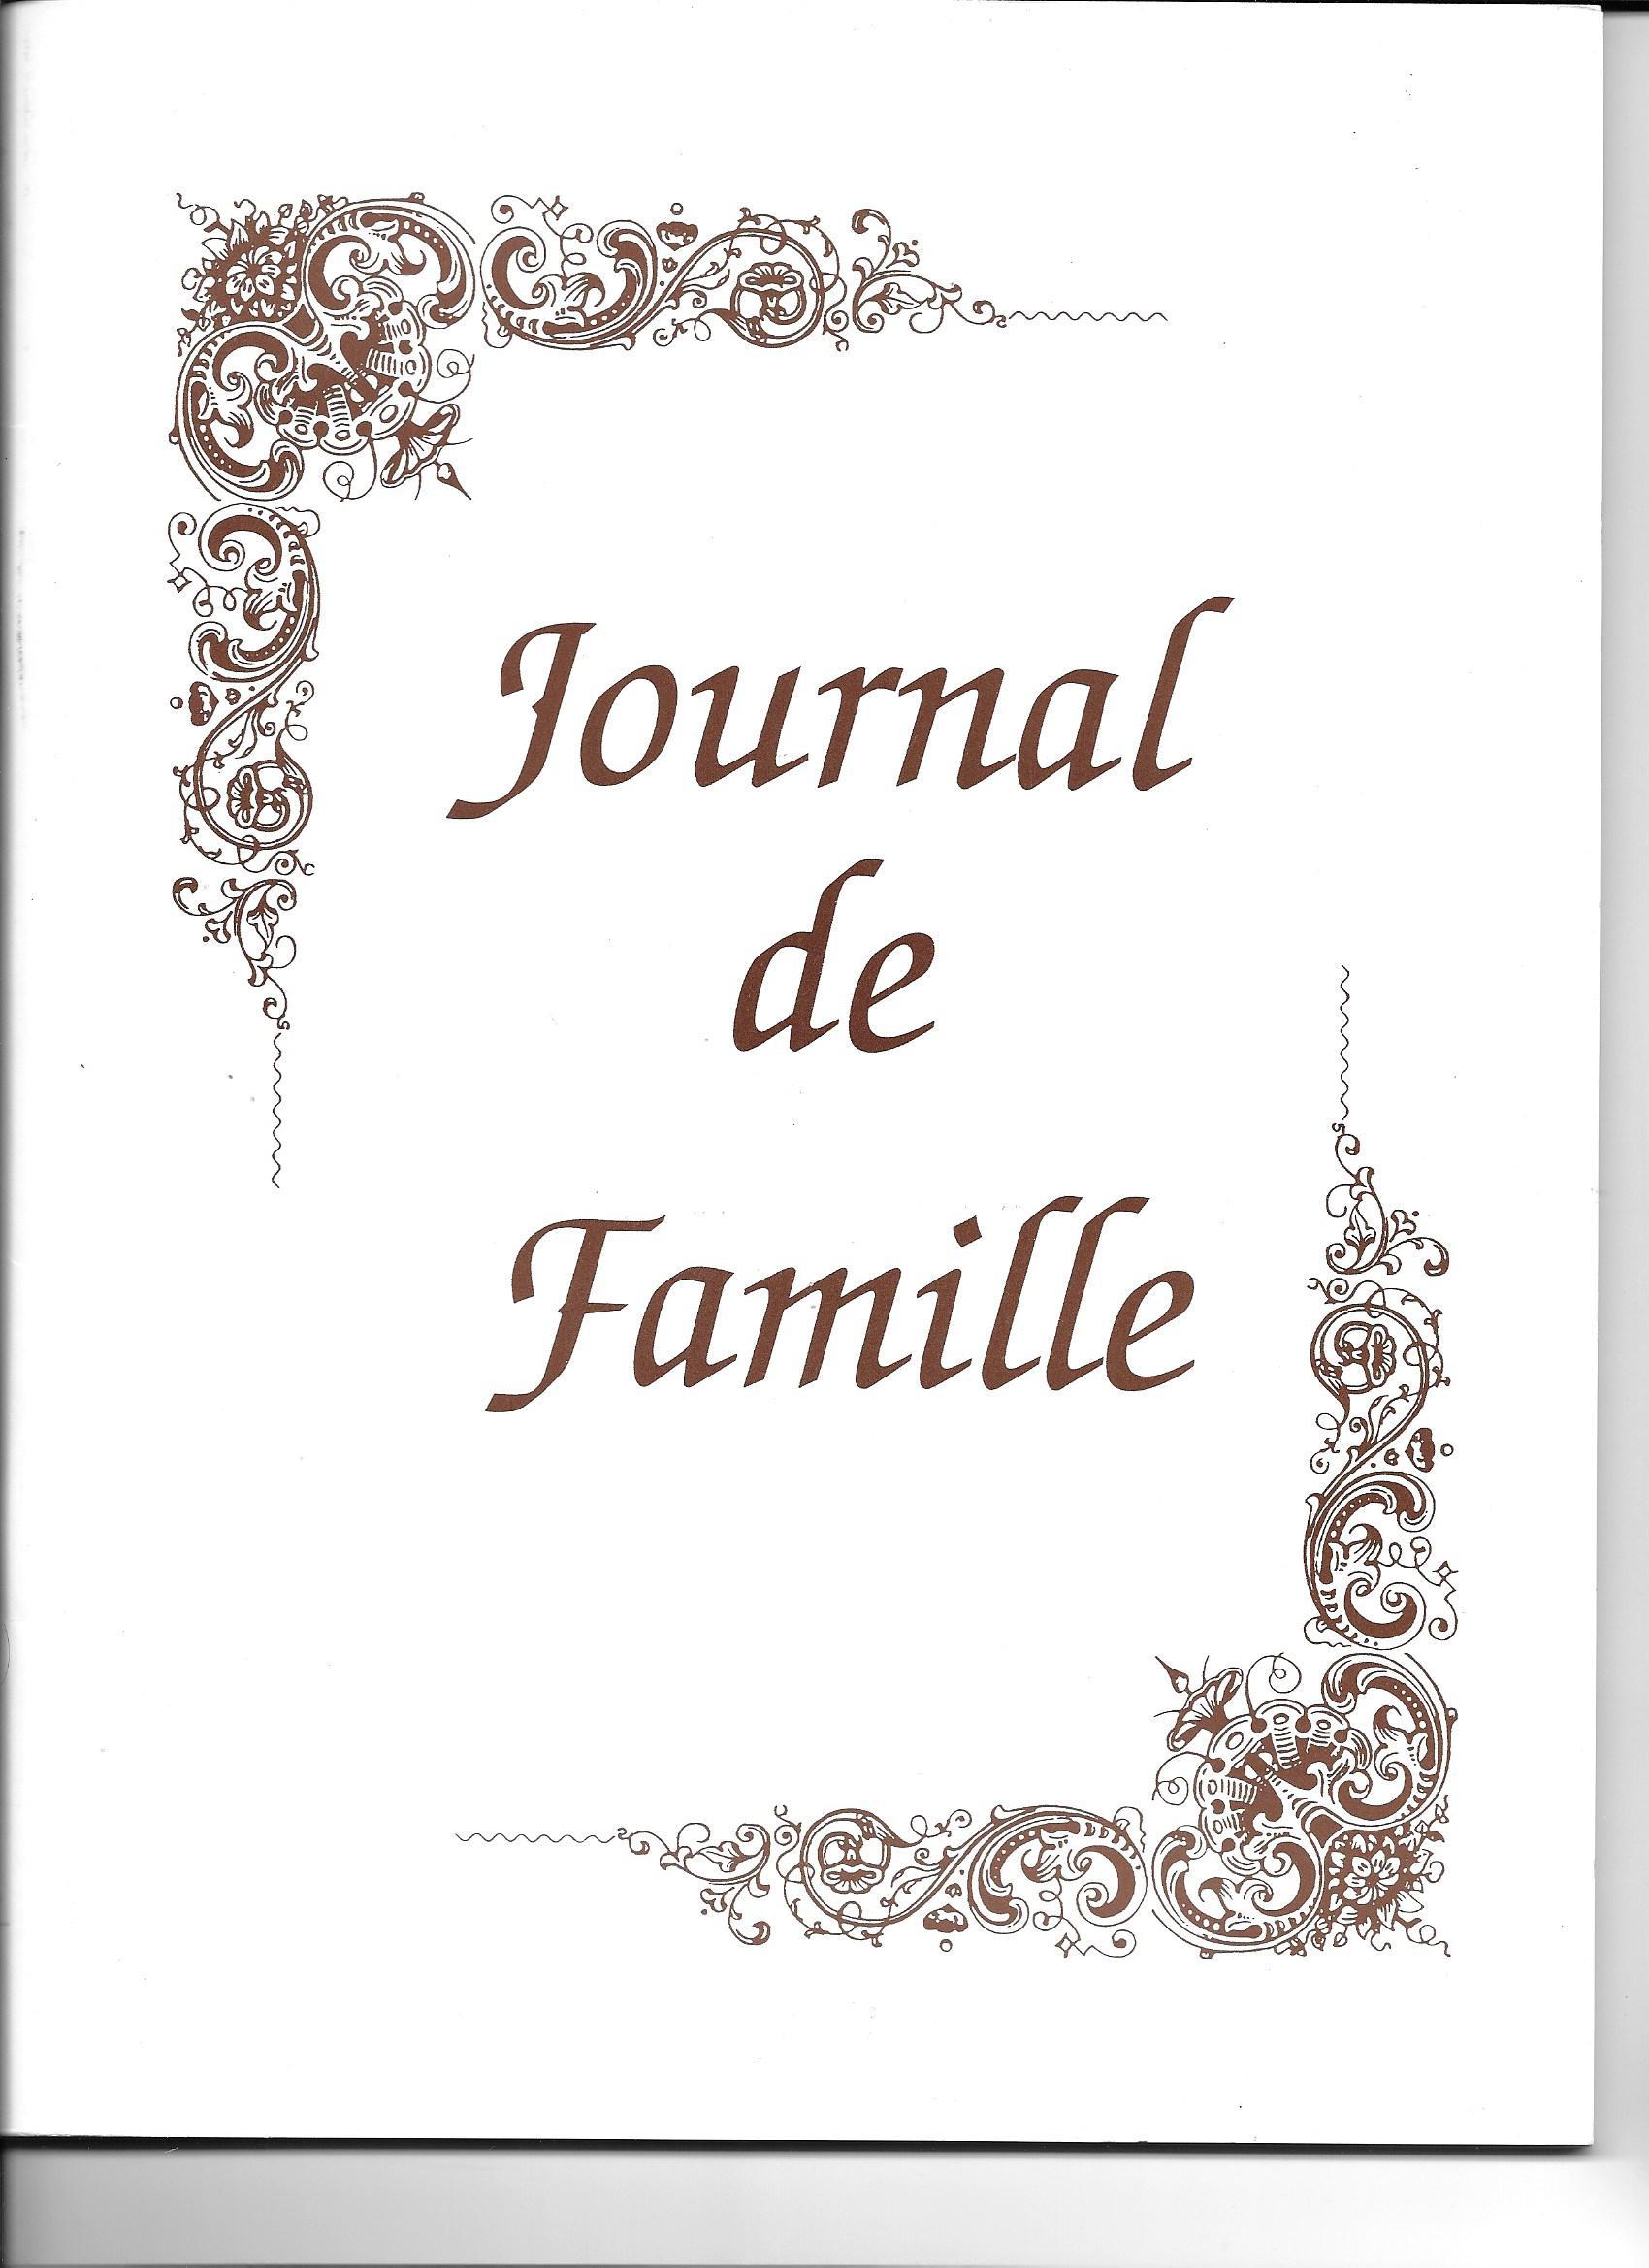 Journal famille